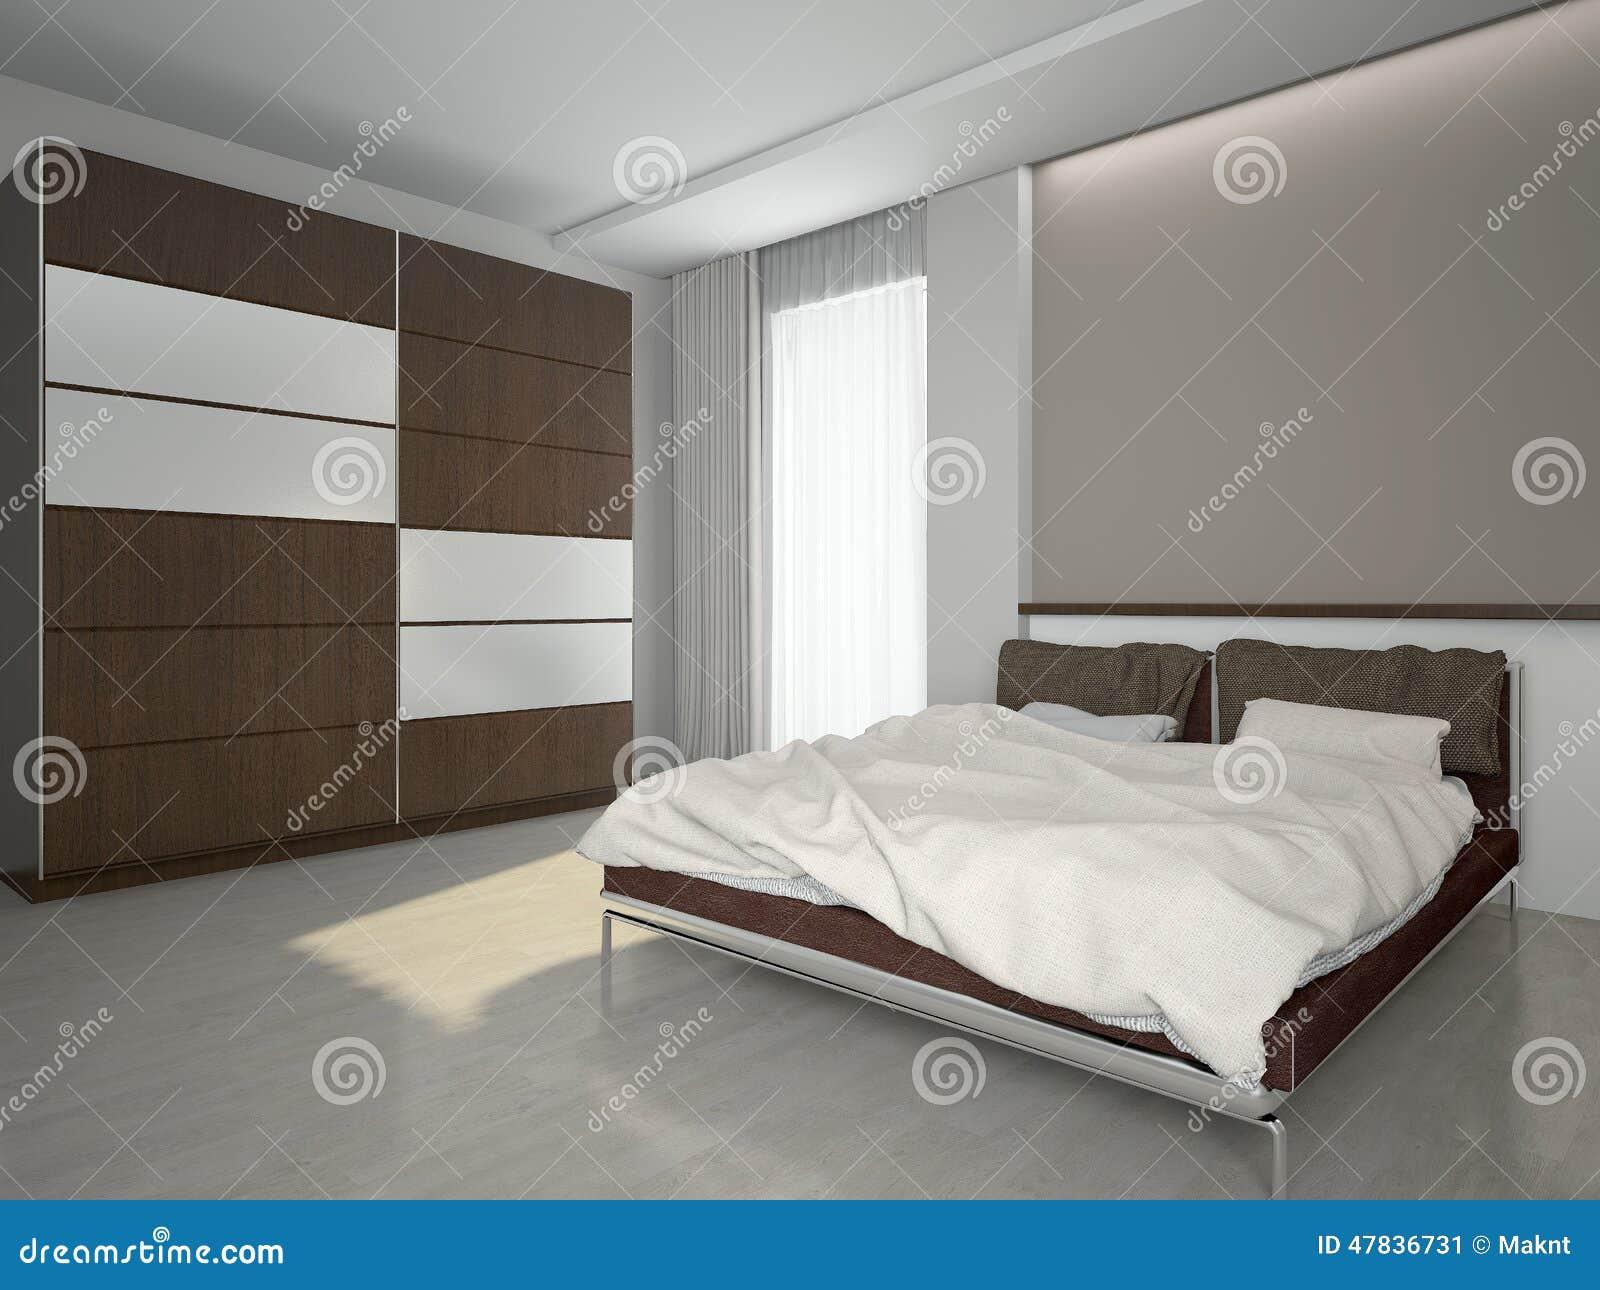 Modern Interior Of A Bedroom 3d Rendering Stock Illustration ...